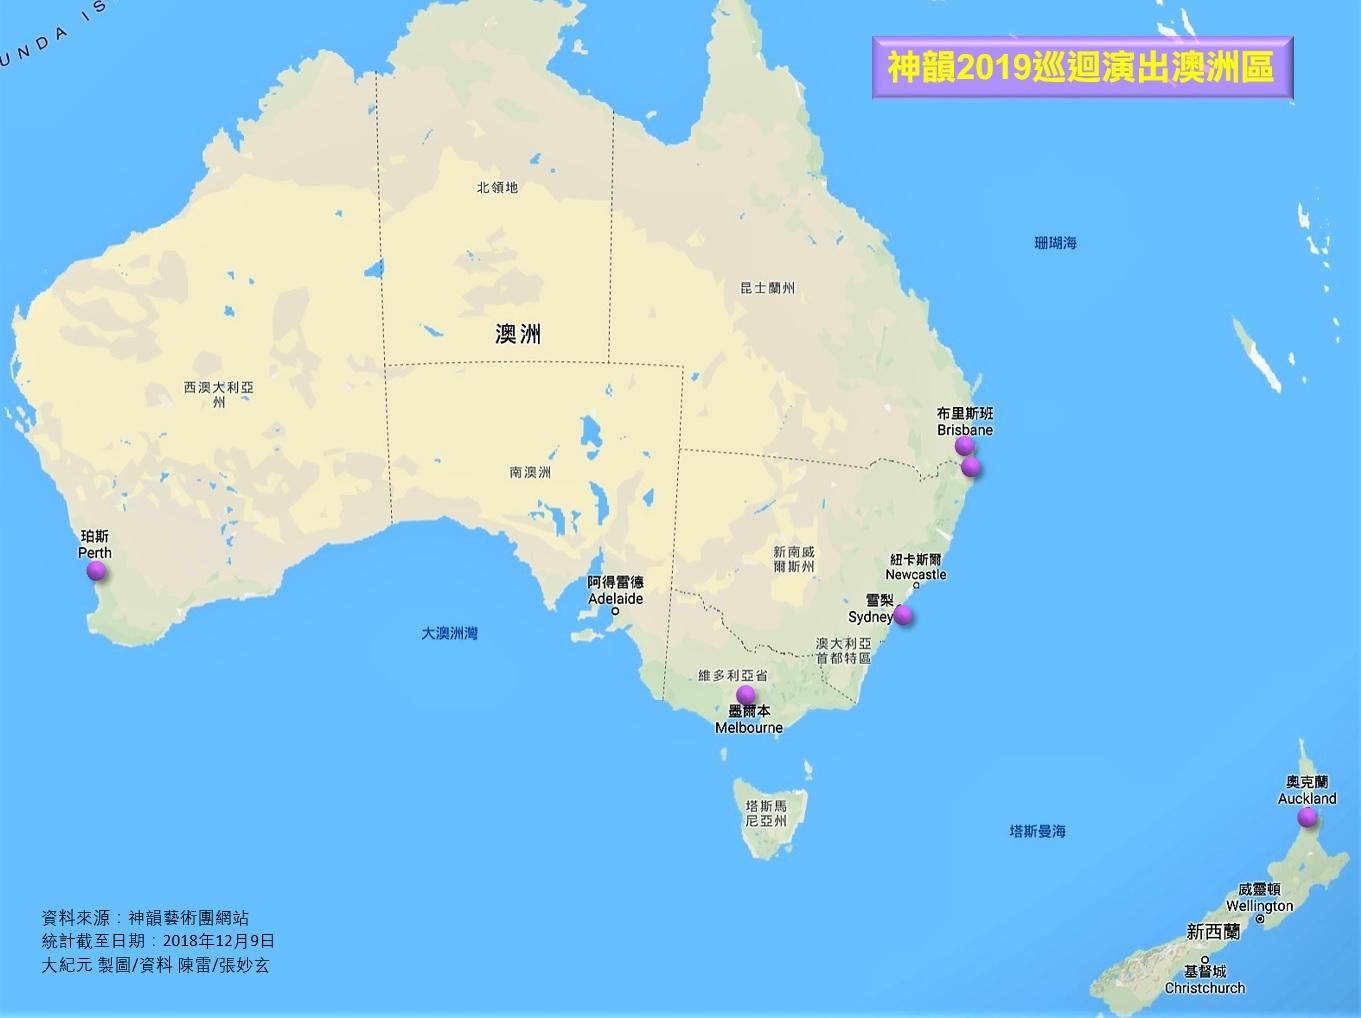 2019年2月8日開始,神韻藝術團將在大洋洲展開巡演之旅,其中包括悉尼、黃金海岸、墨爾本、布里斯本、珀斯和紐西蘭的奧克蘭。(大紀元製圖)